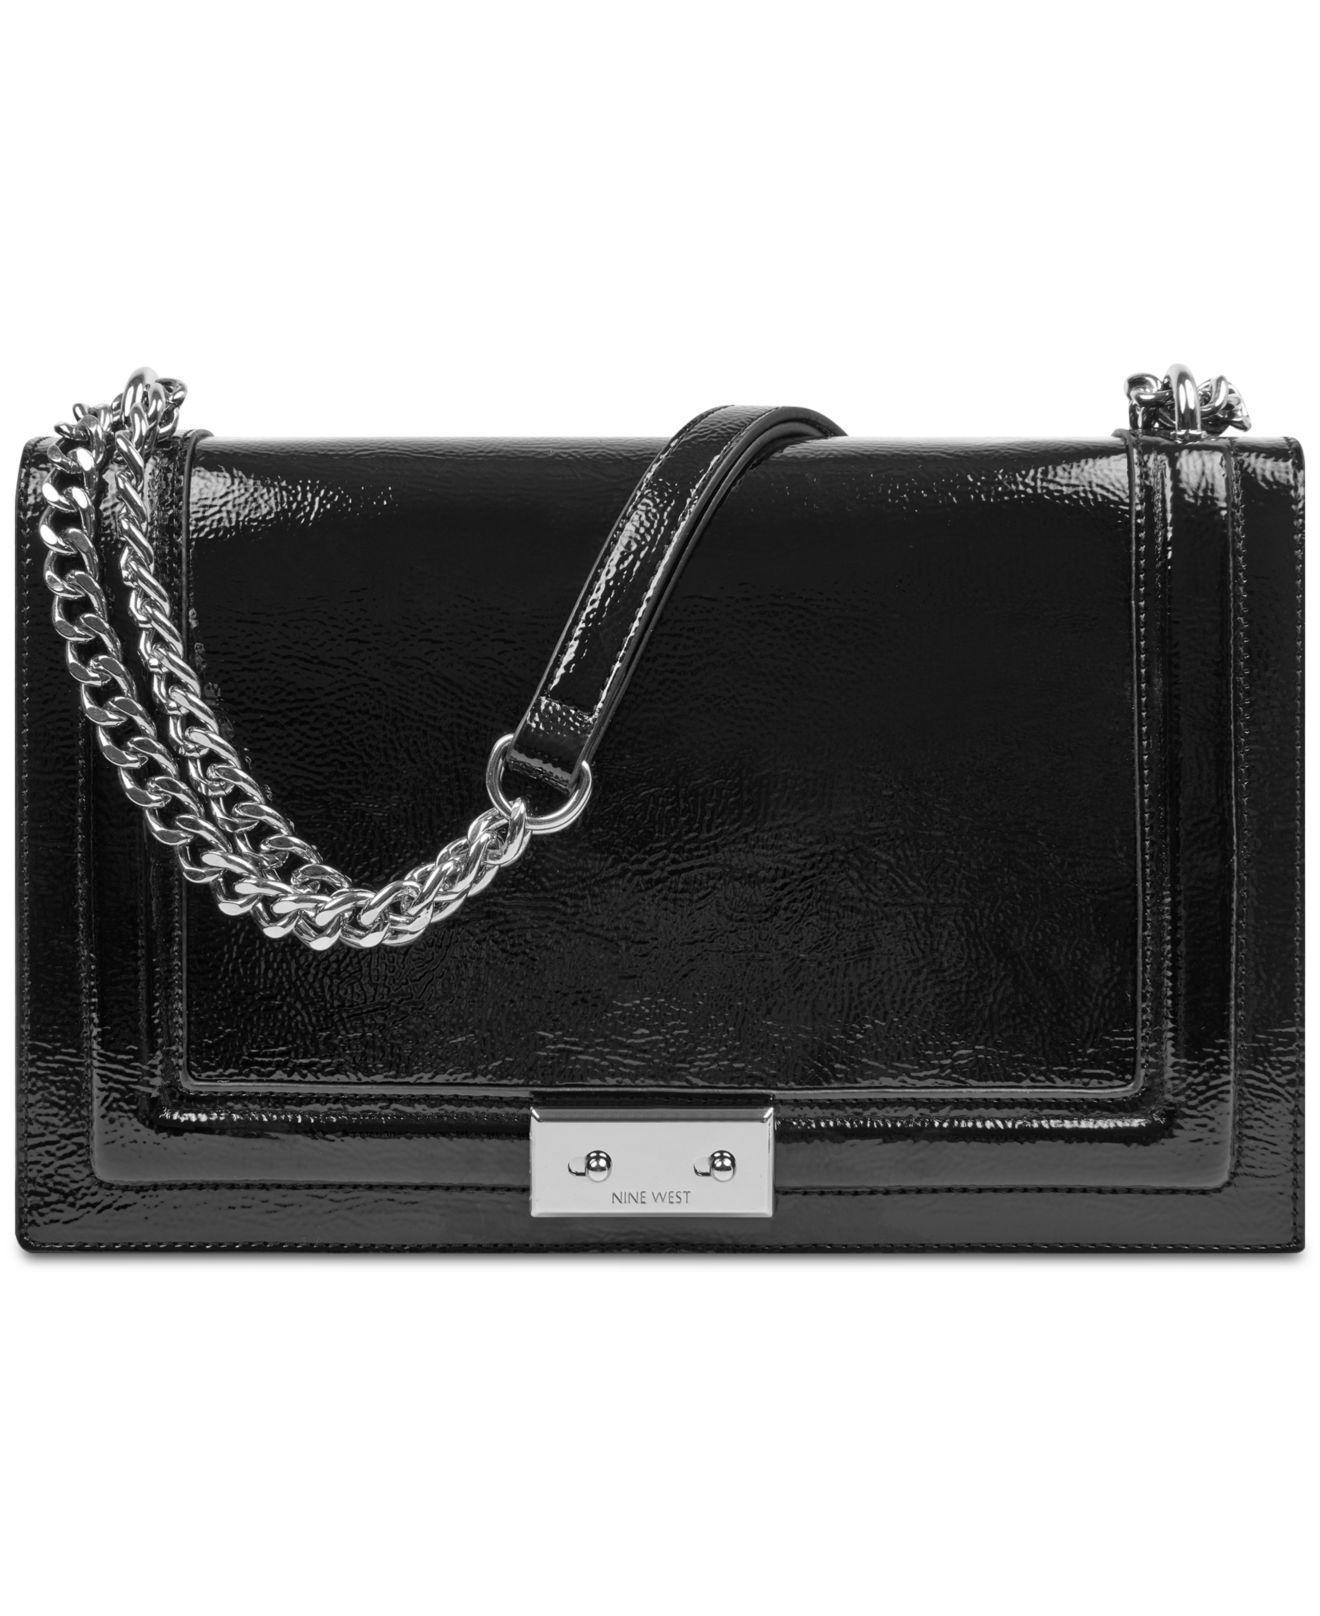 7cfb79a319 Lyst - Nine West Inaya Shoulder Bag in Black